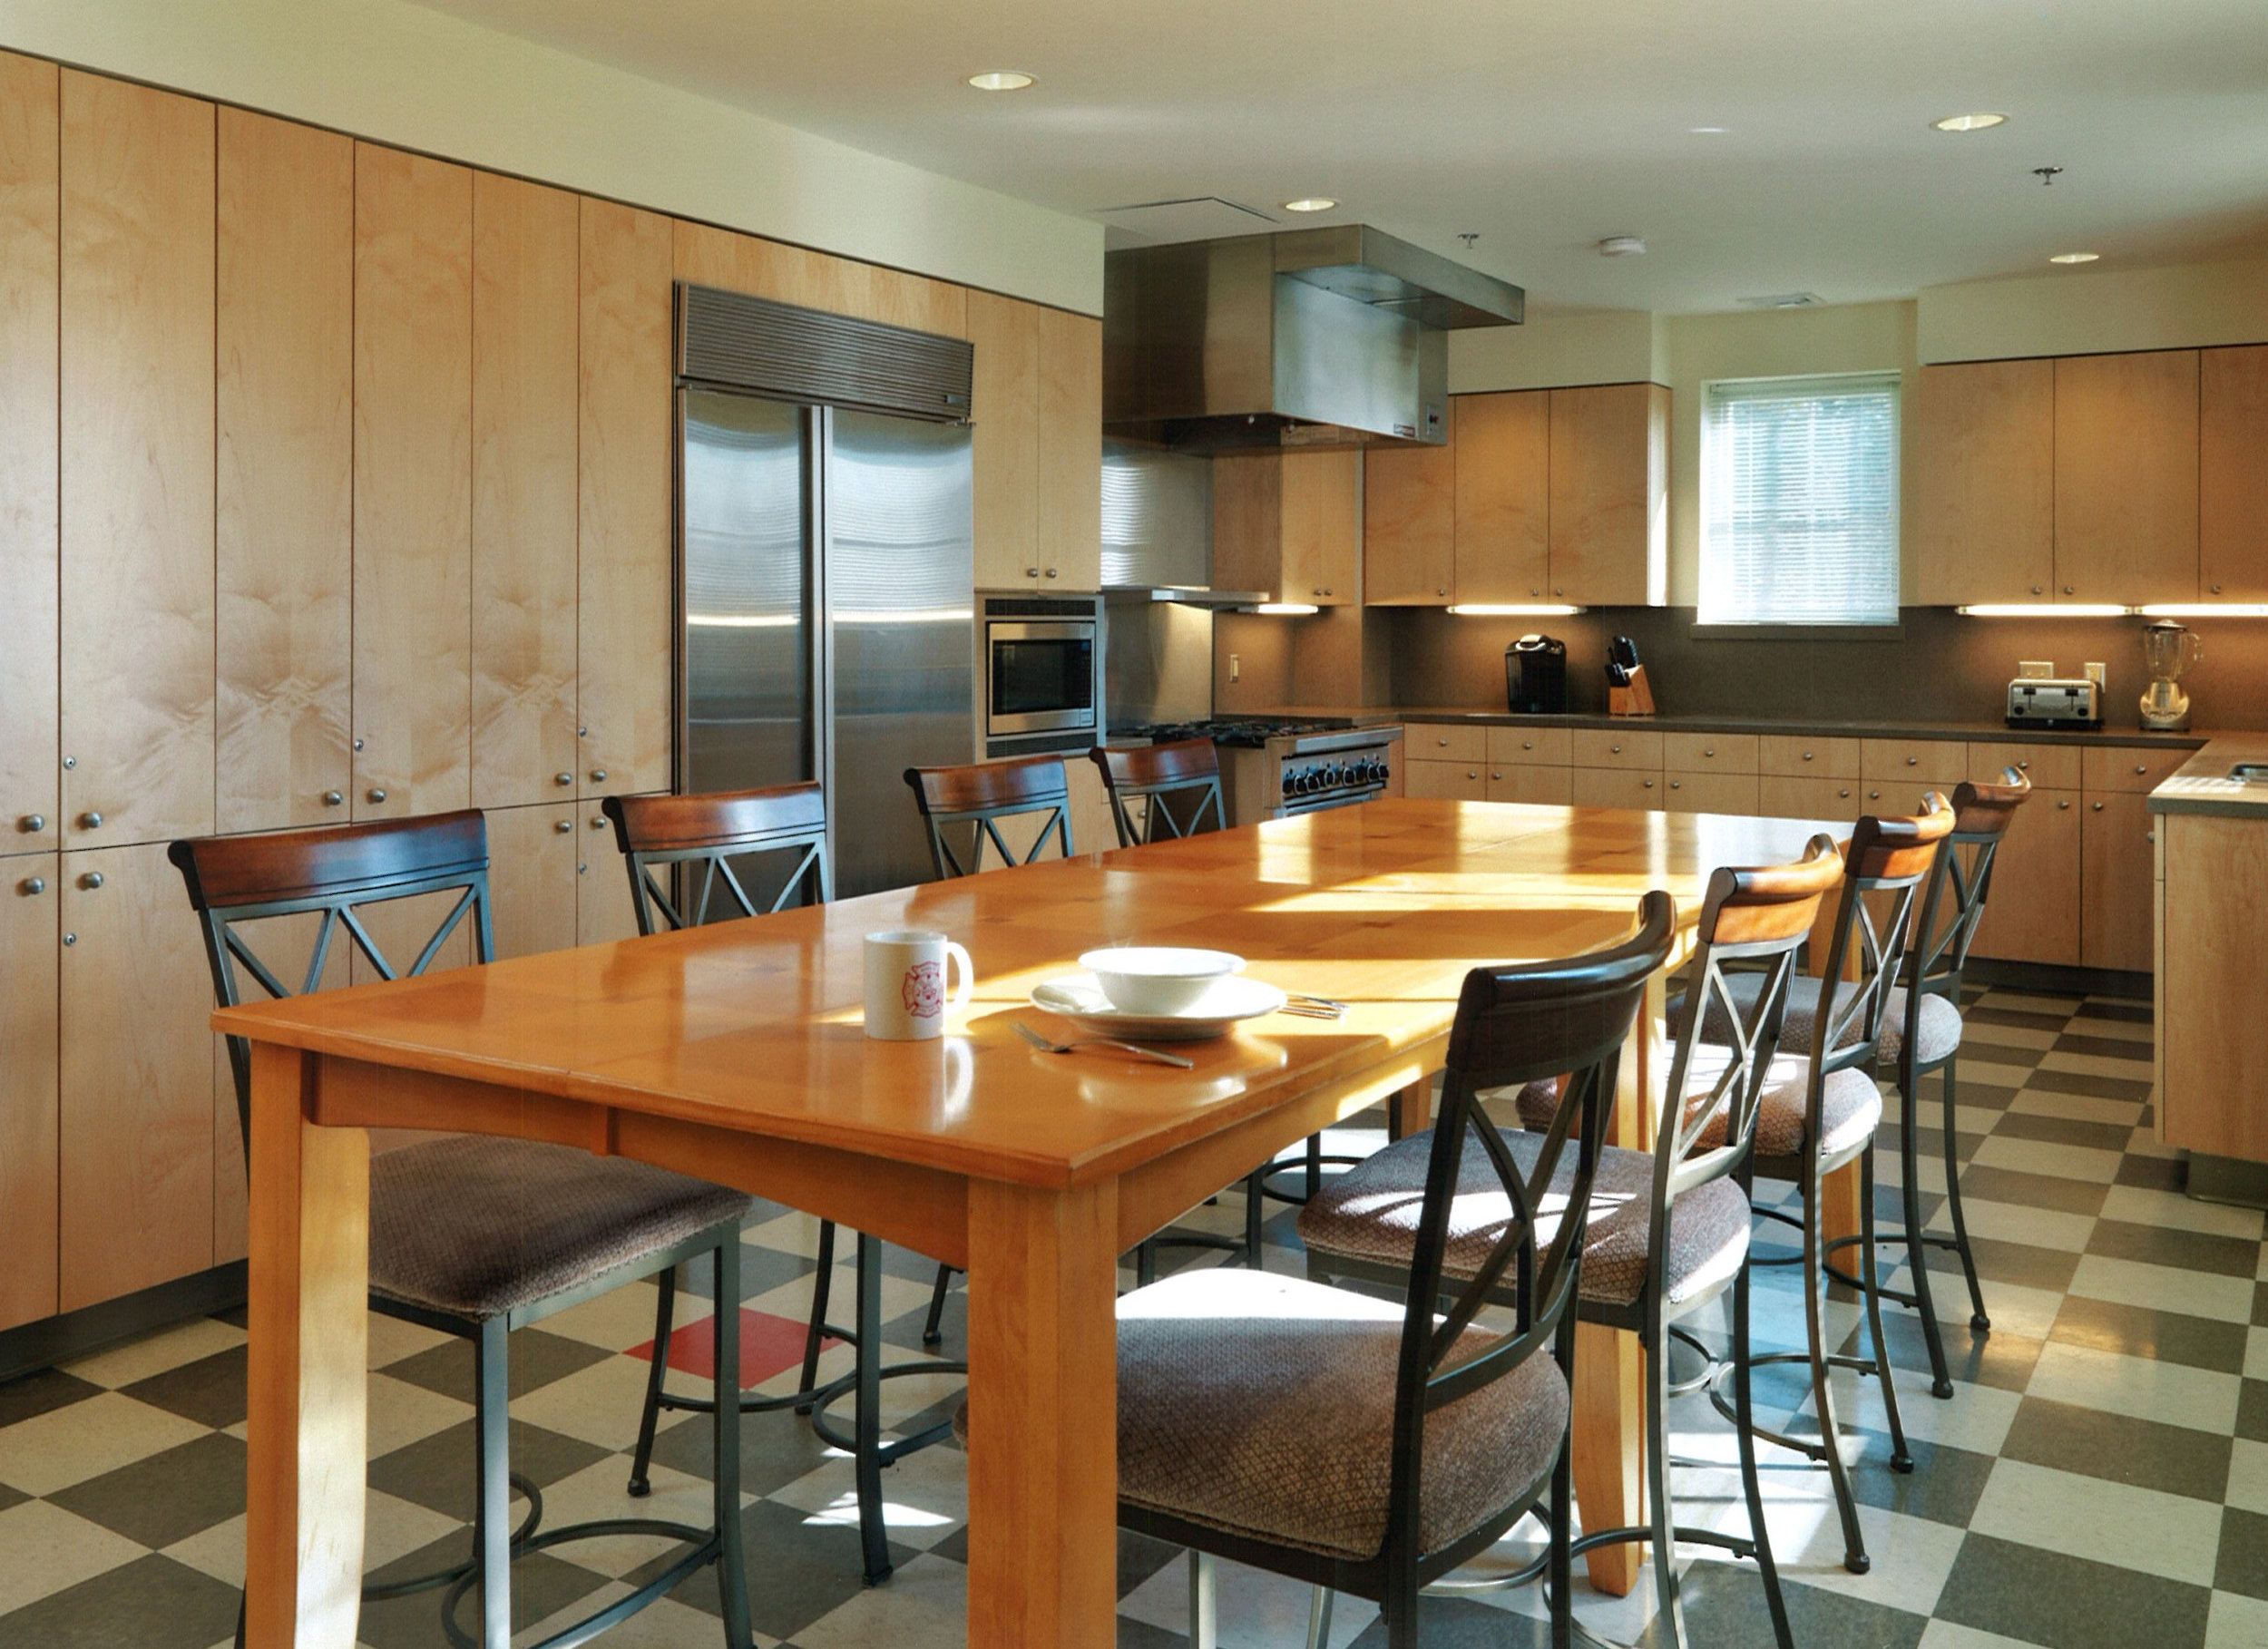 Westport_int_kitchen.jpg